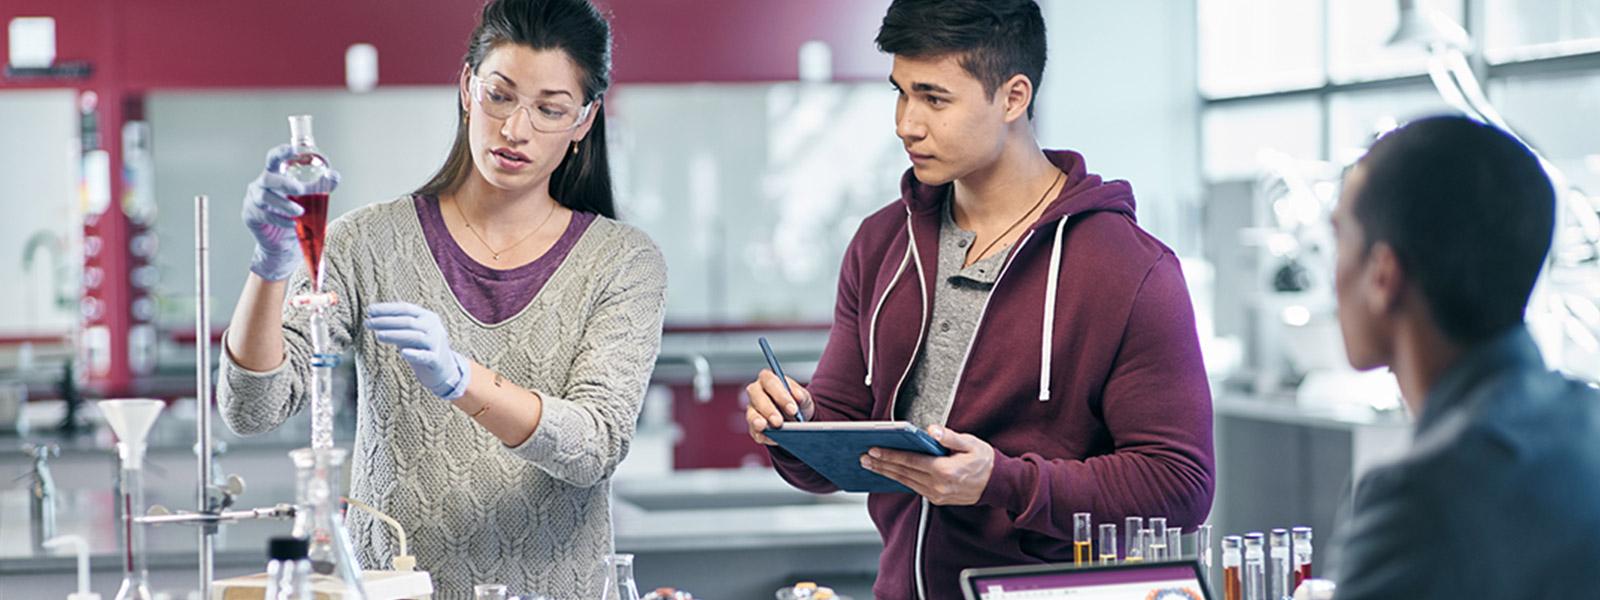 ثلاث طلاب في معمل كيمياء، ويستخدم أحدهم Surface Pro 4 في وضع الكمبيوتر اللوحي بينما آخر يستخدمه في وضع الكمبيوتر المحمول.